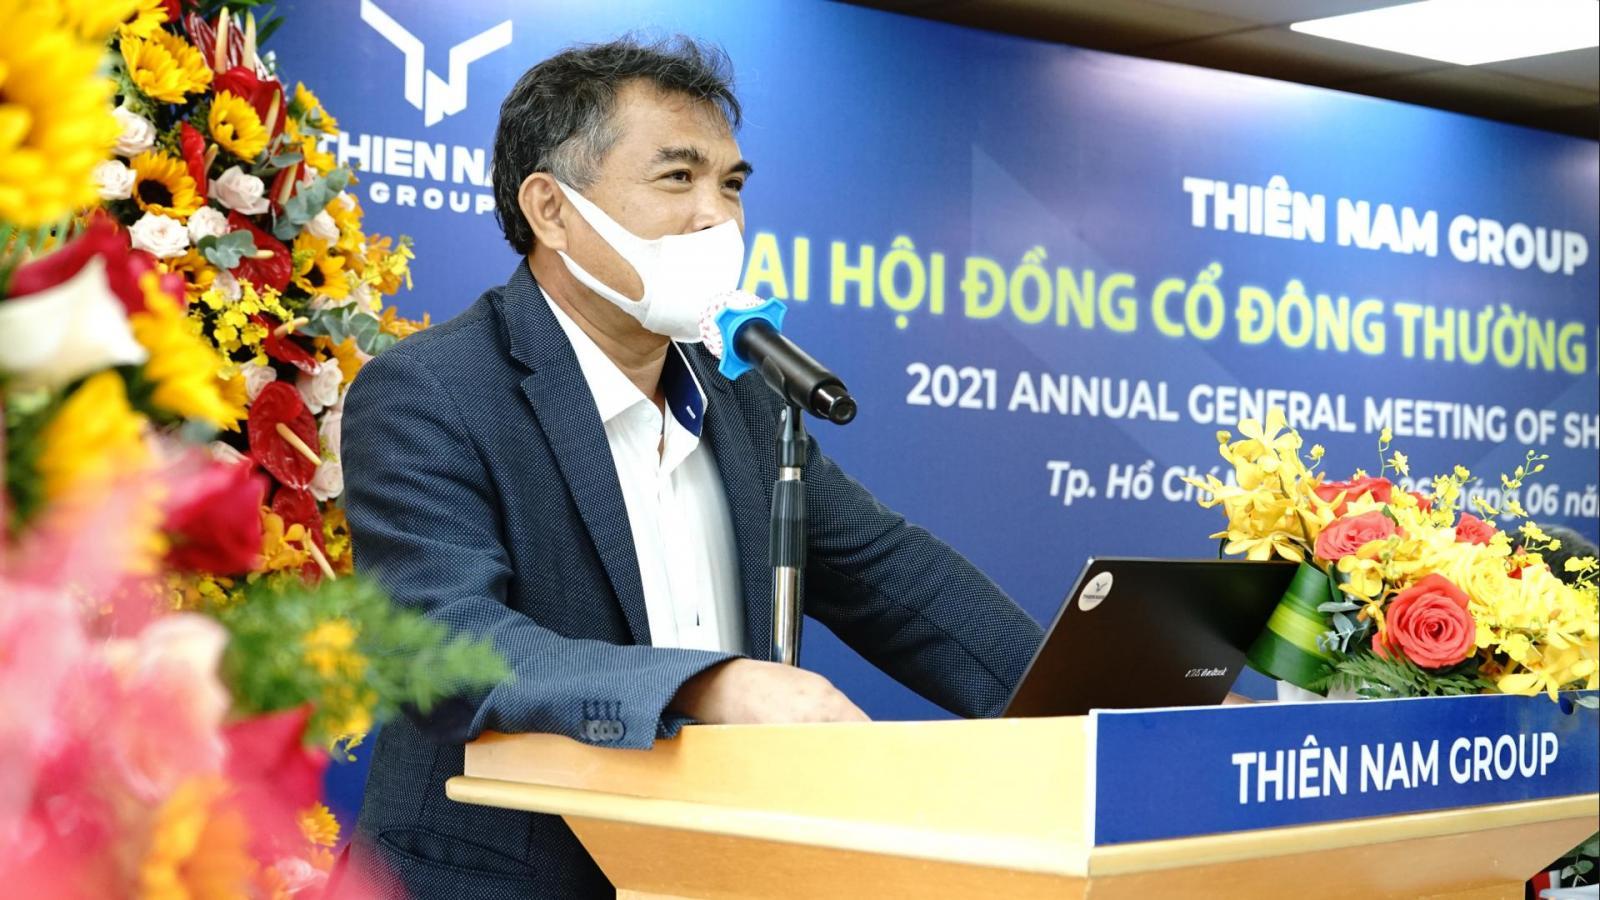 Ông Nguyễn Quang Hòa – Chủ tịch HĐQT Thiên Nam Group